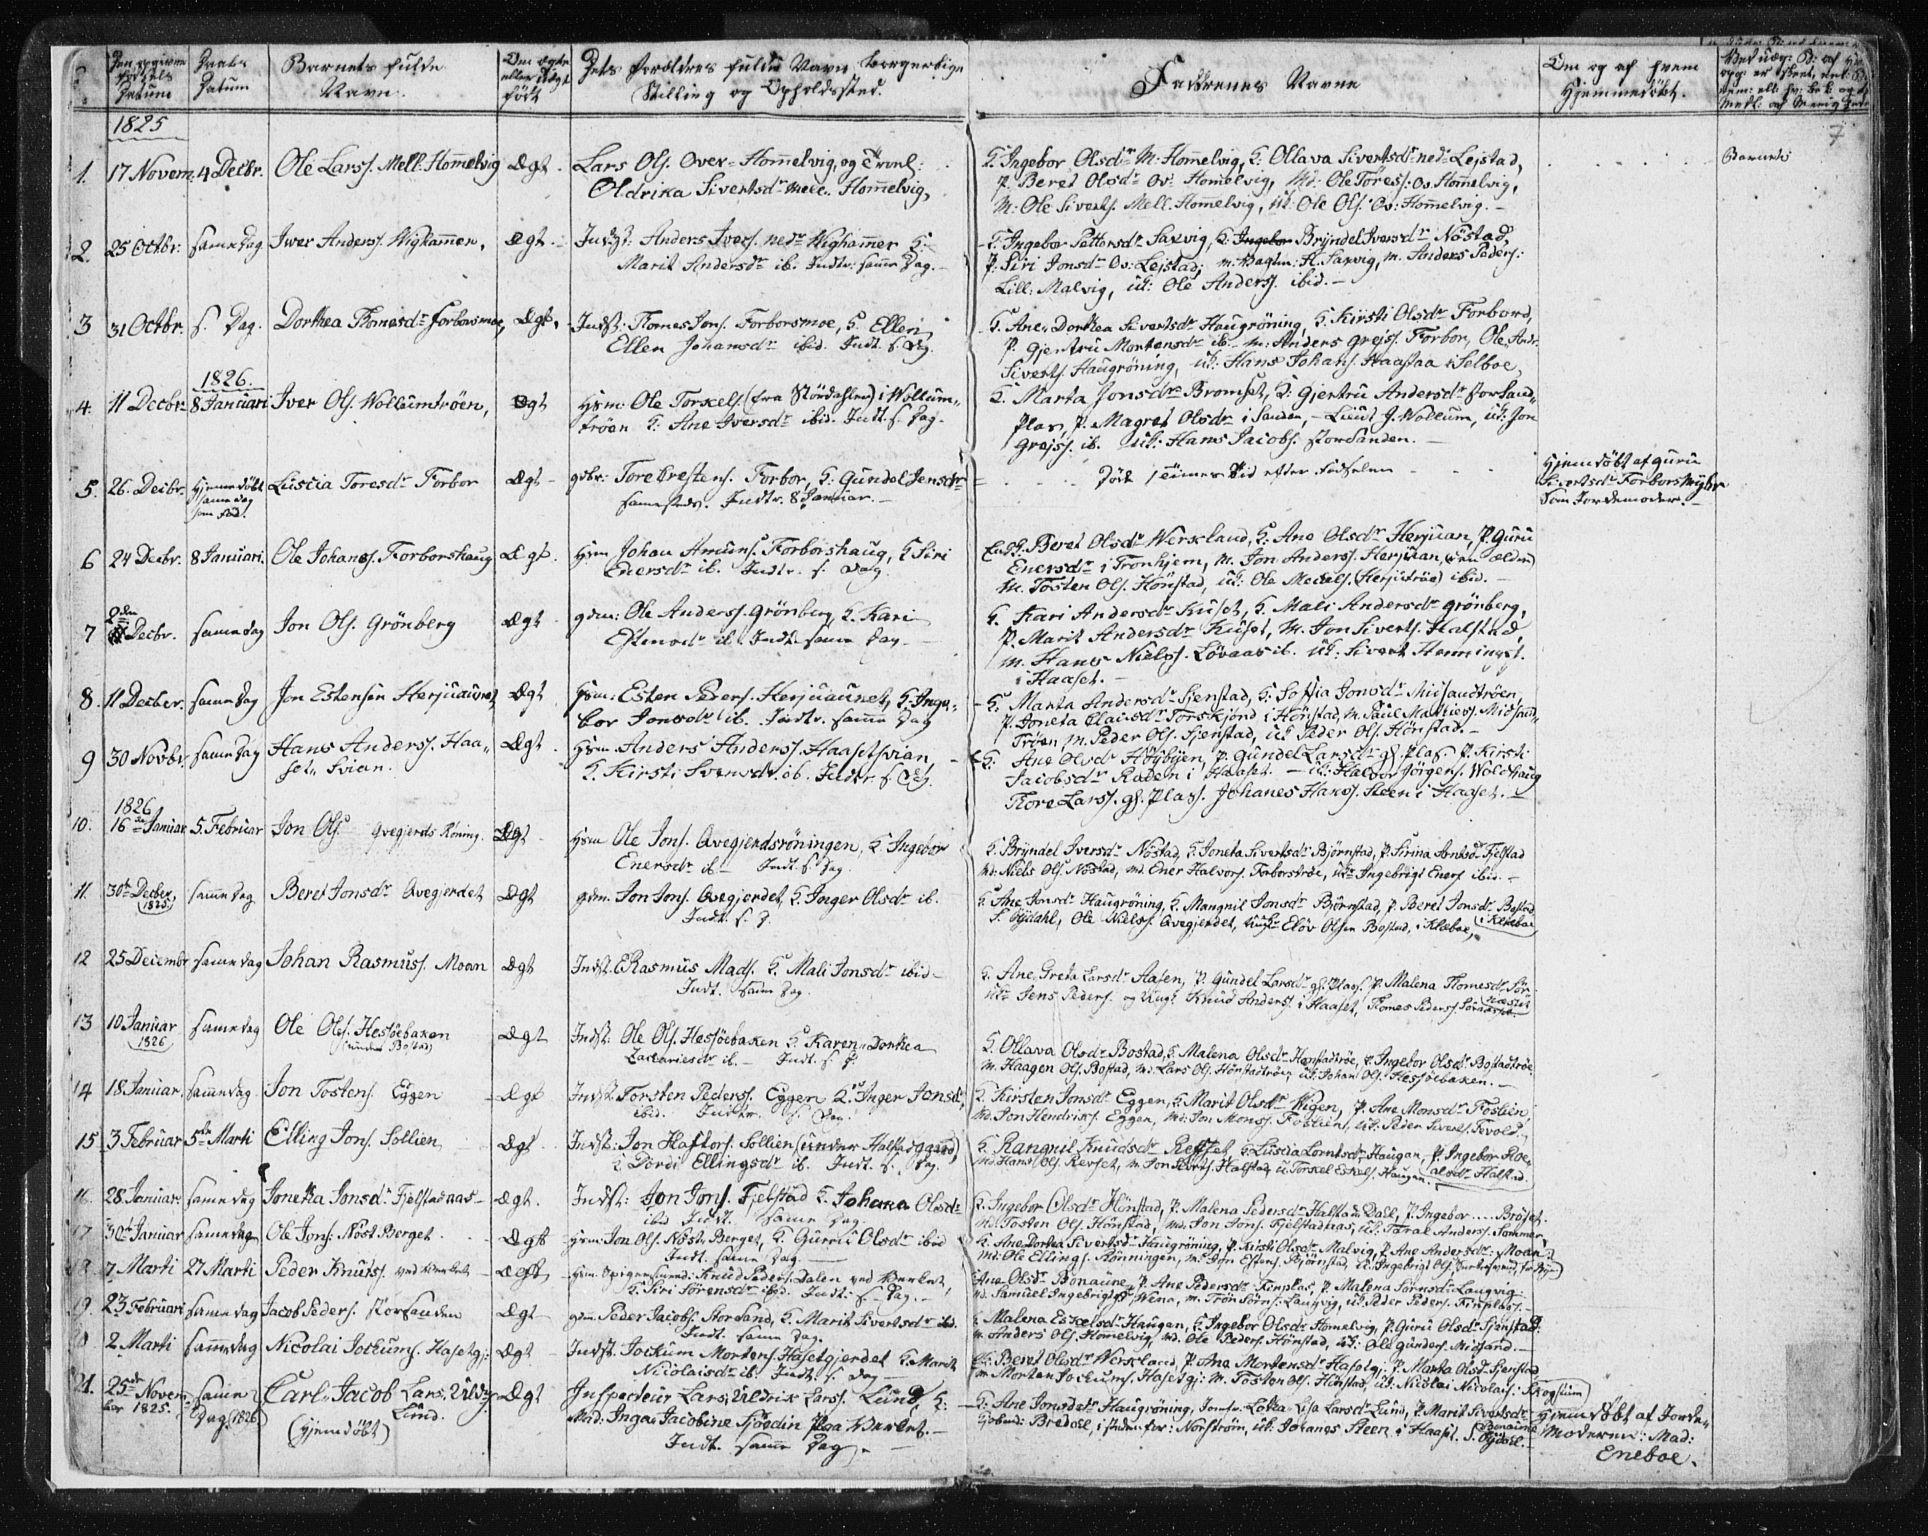 SAT, Ministerialprotokoller, klokkerbøker og fødselsregistre - Sør-Trøndelag, 616/L0404: Ministerialbok nr. 616A01, 1823-1831, s. 7